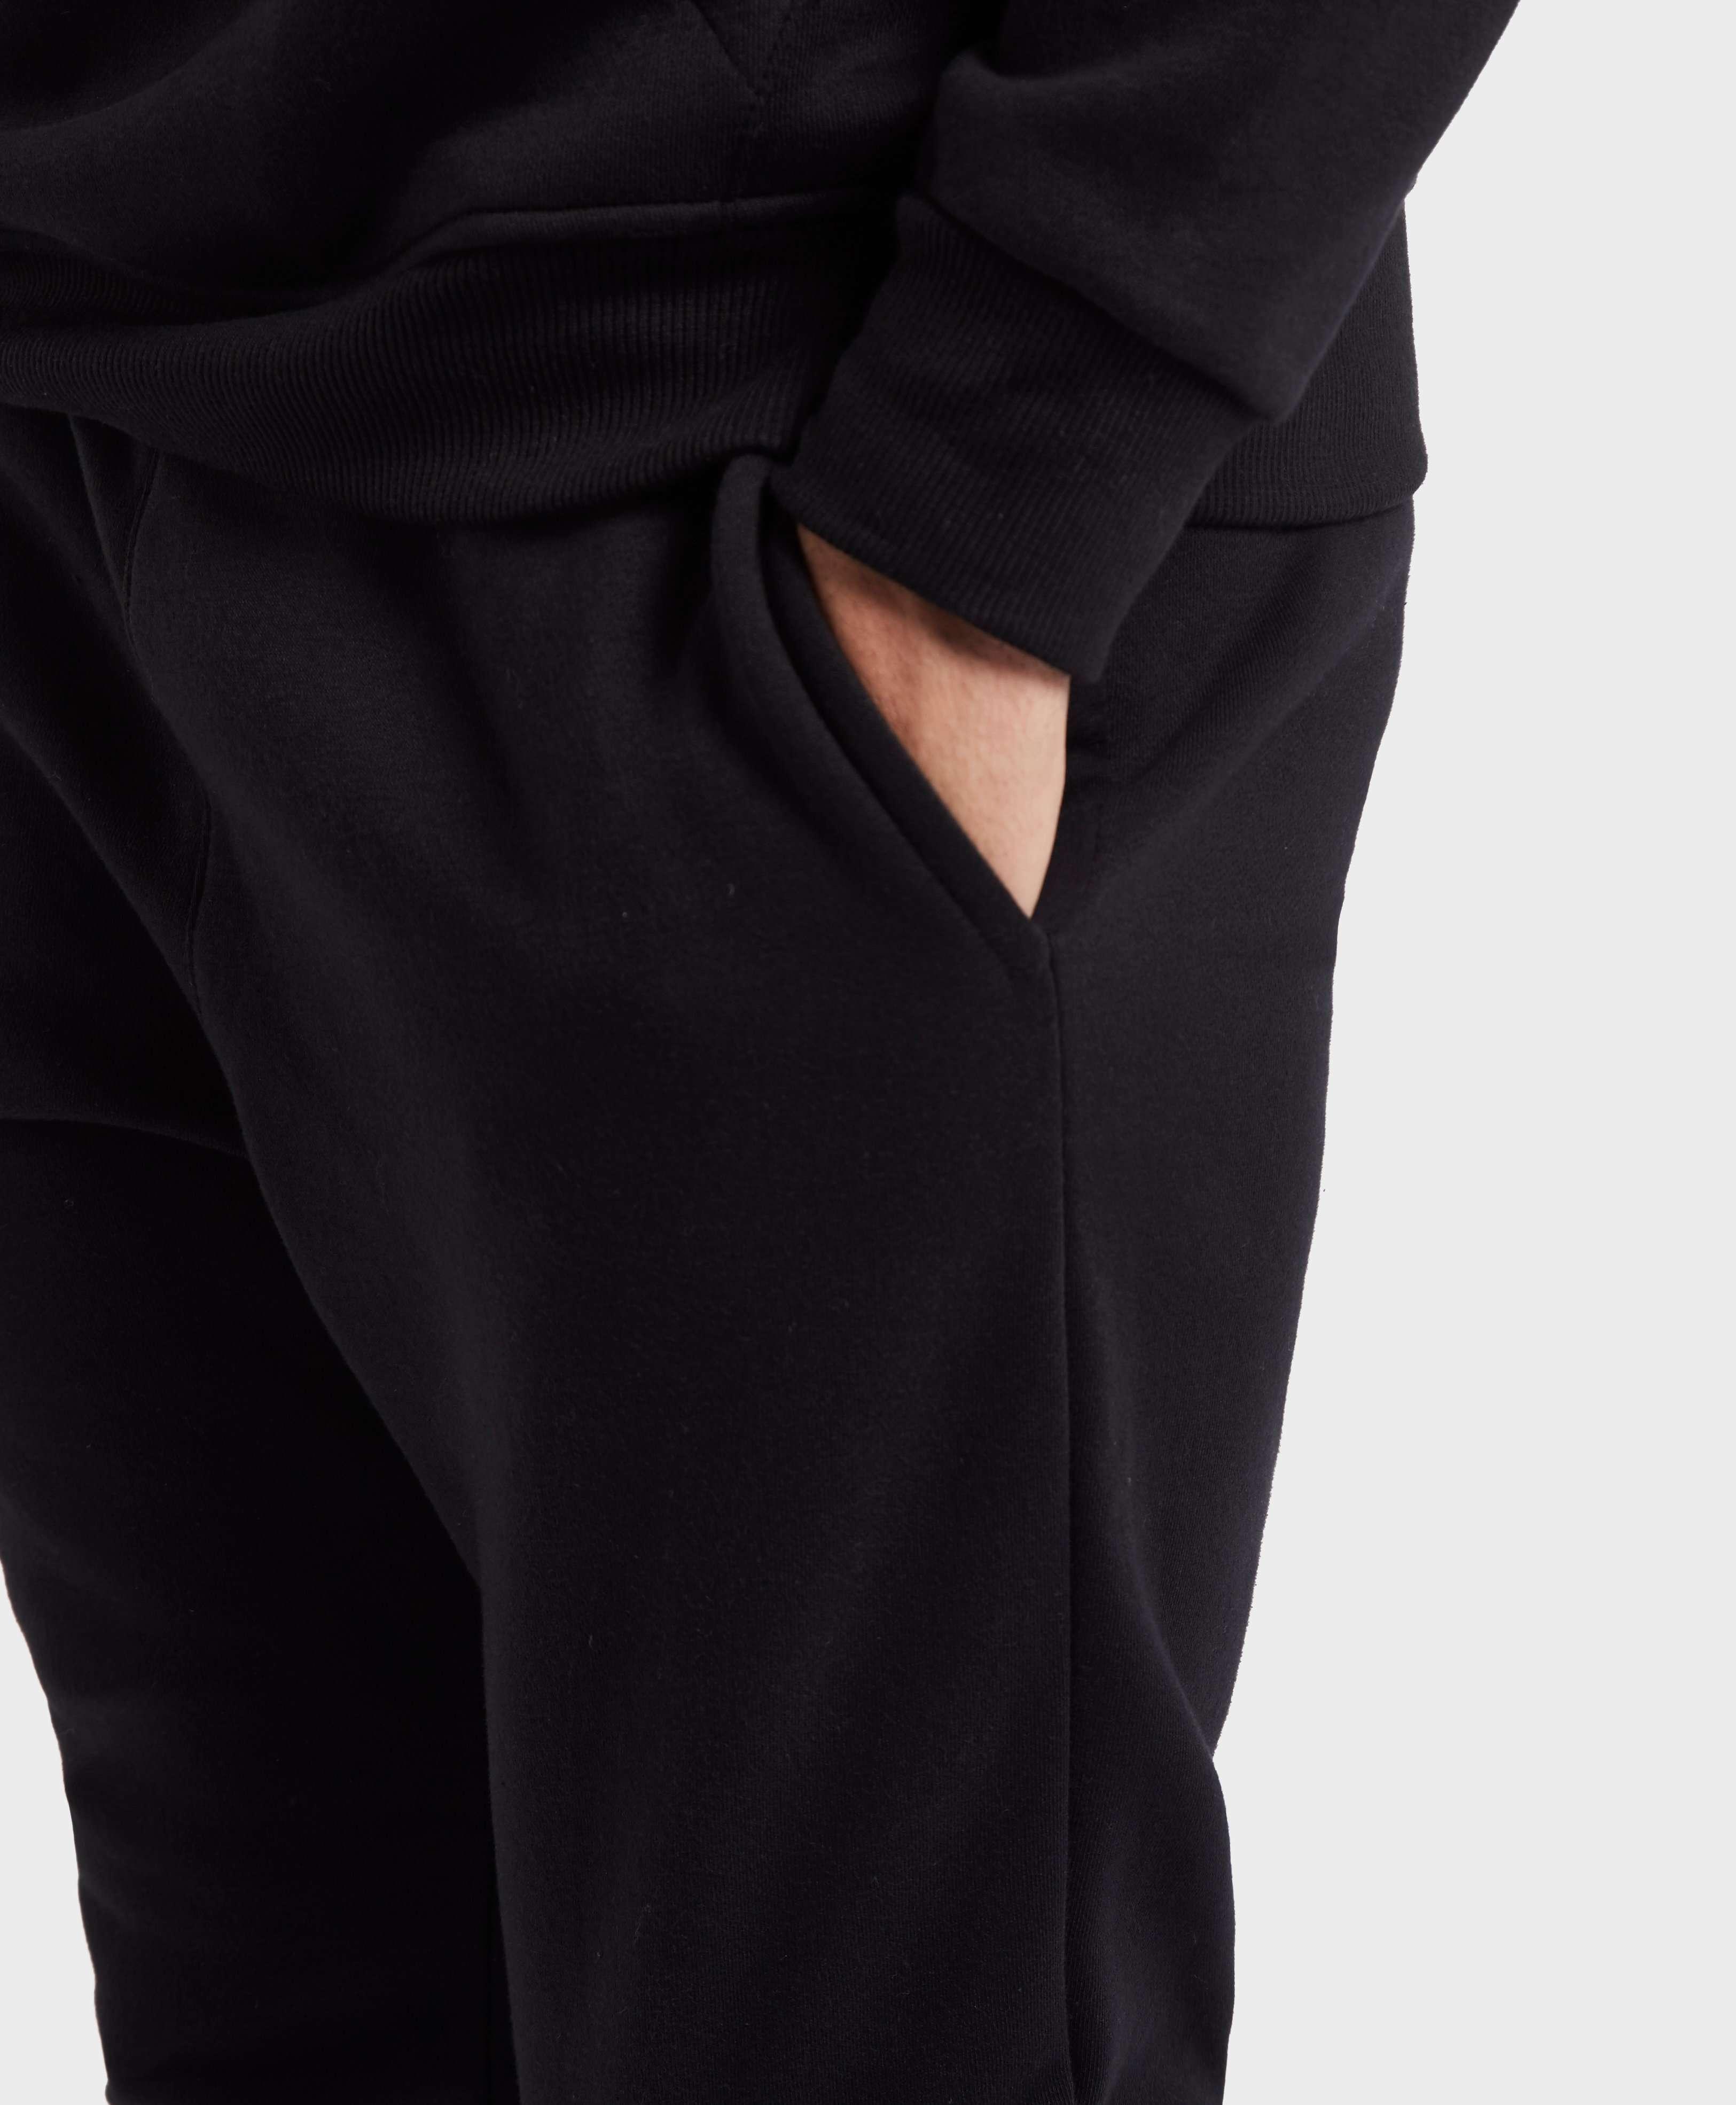 Reebok Classic Vector Track Pants - Online Exclusive